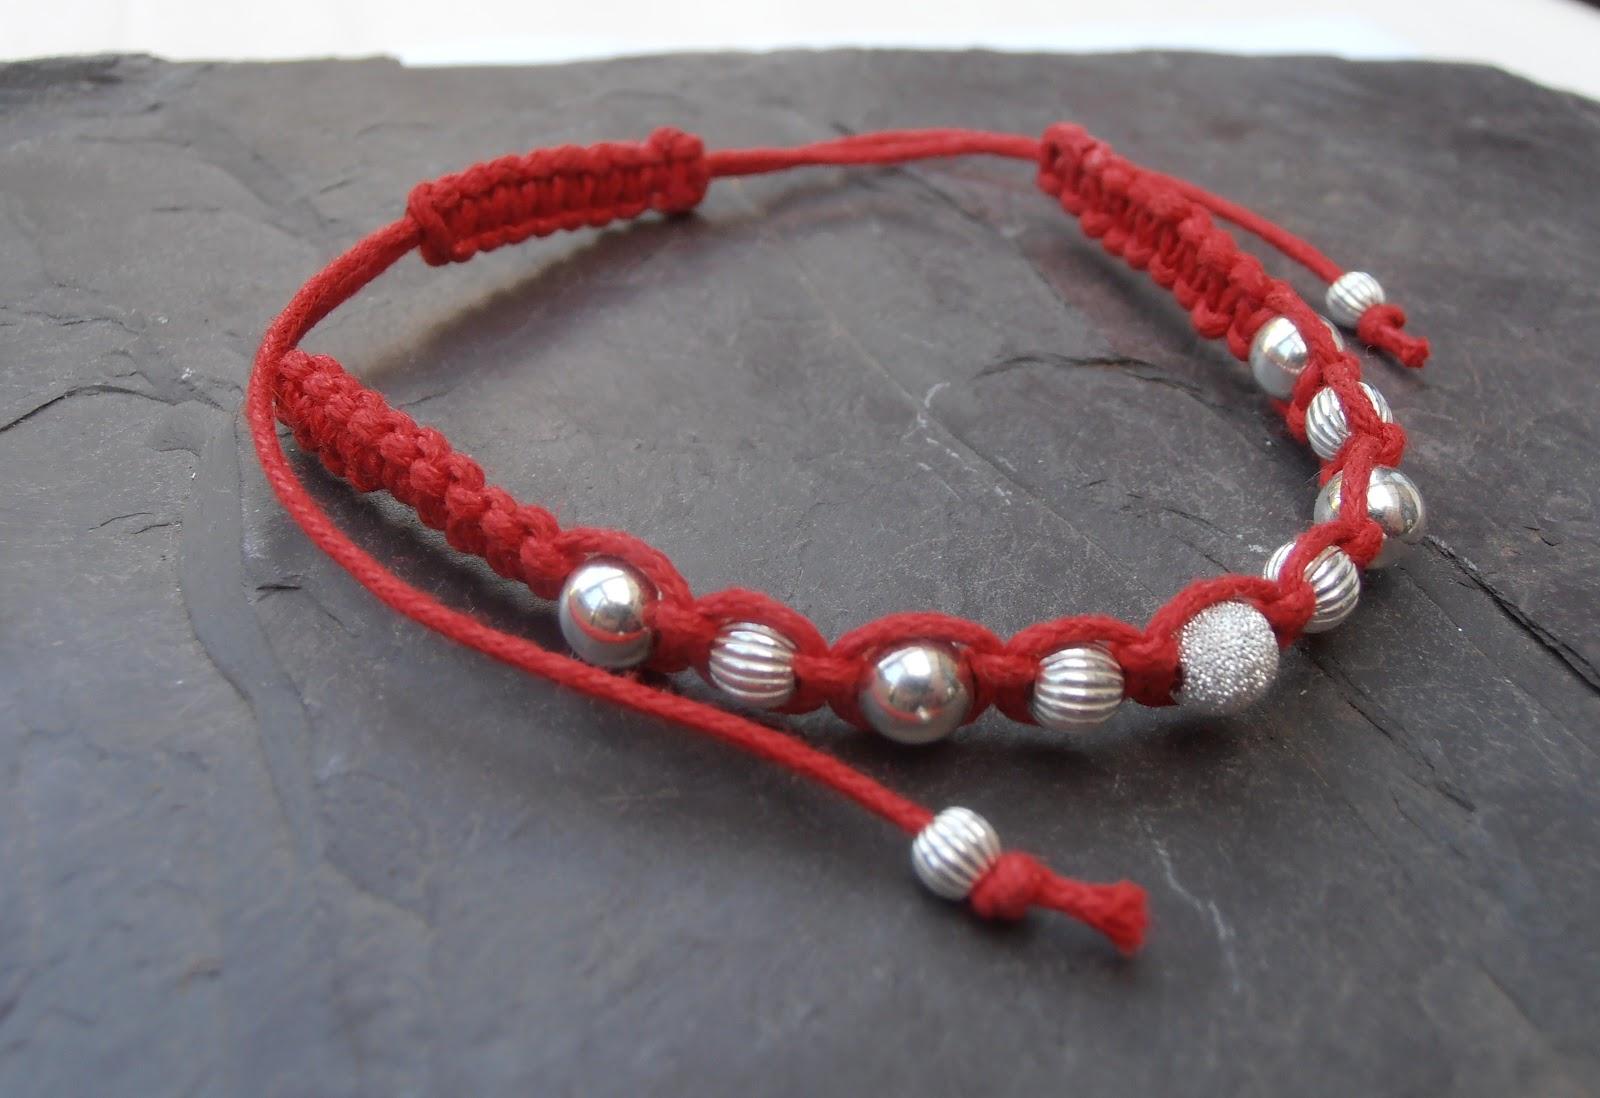 Little Red Robin Macrame Bracelets